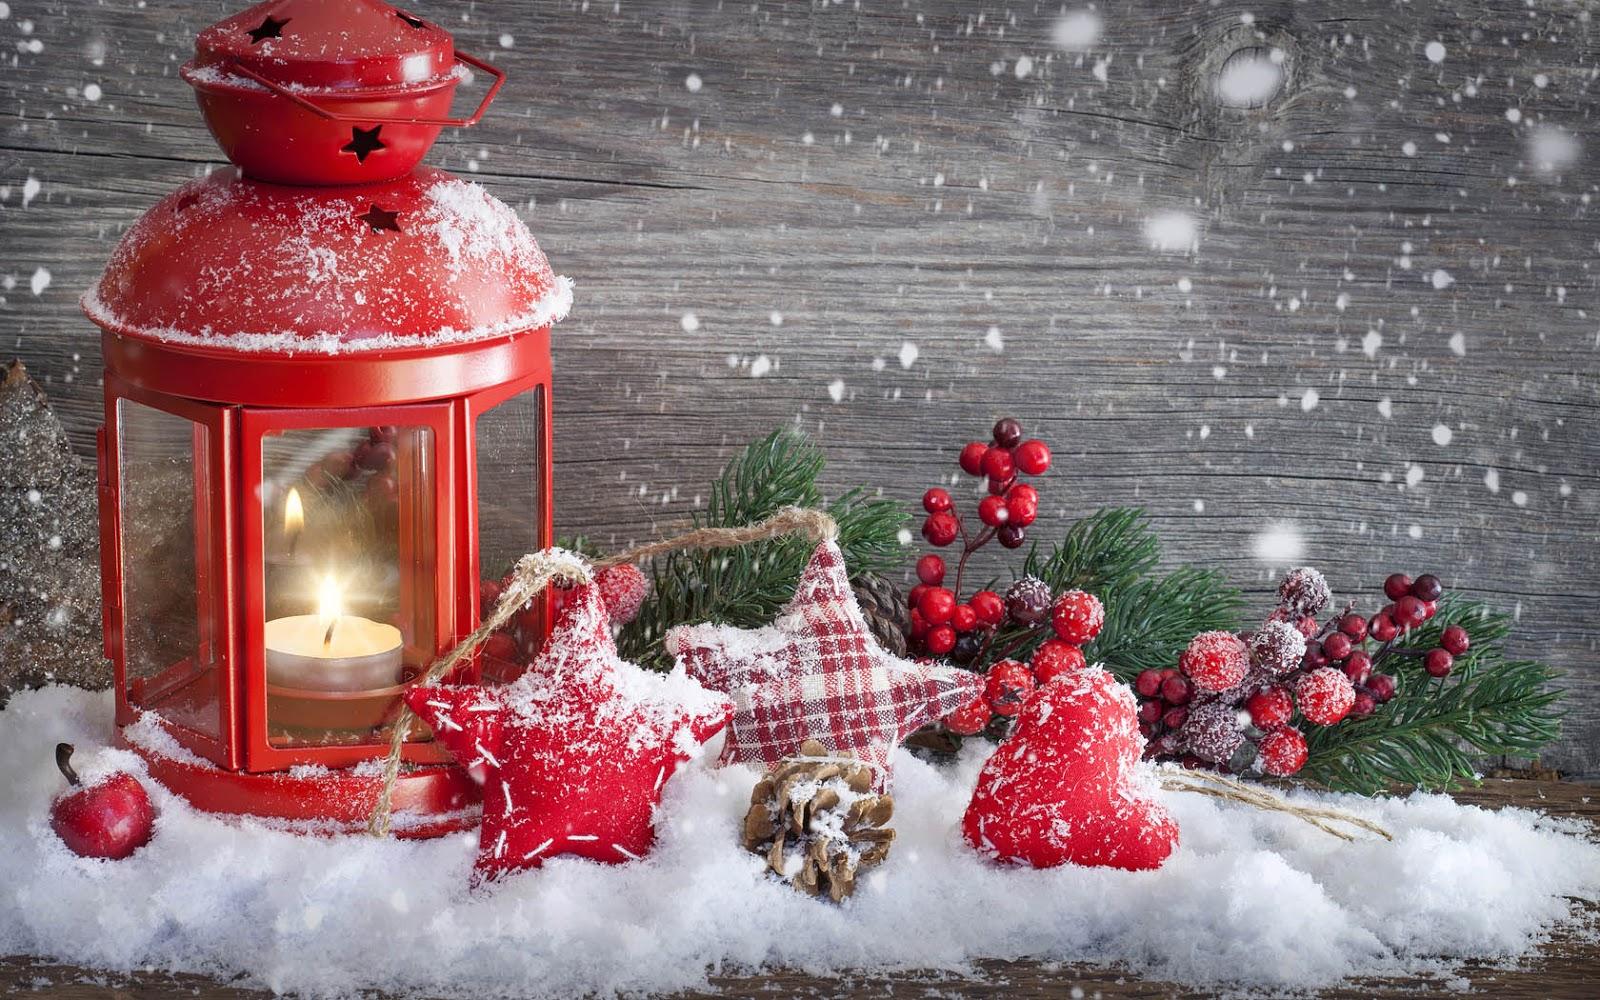 http://2.bp.blogspot.com/-rqOfIVh9tYQ/UKqiqfUEcdI/AAAAAAAAJYM/59QzSoZPh7s/s1600/kerst-wallpaper-met-kerstdecoratie-in-de-sneeuw-en-een-houten-achtergrond.jpg